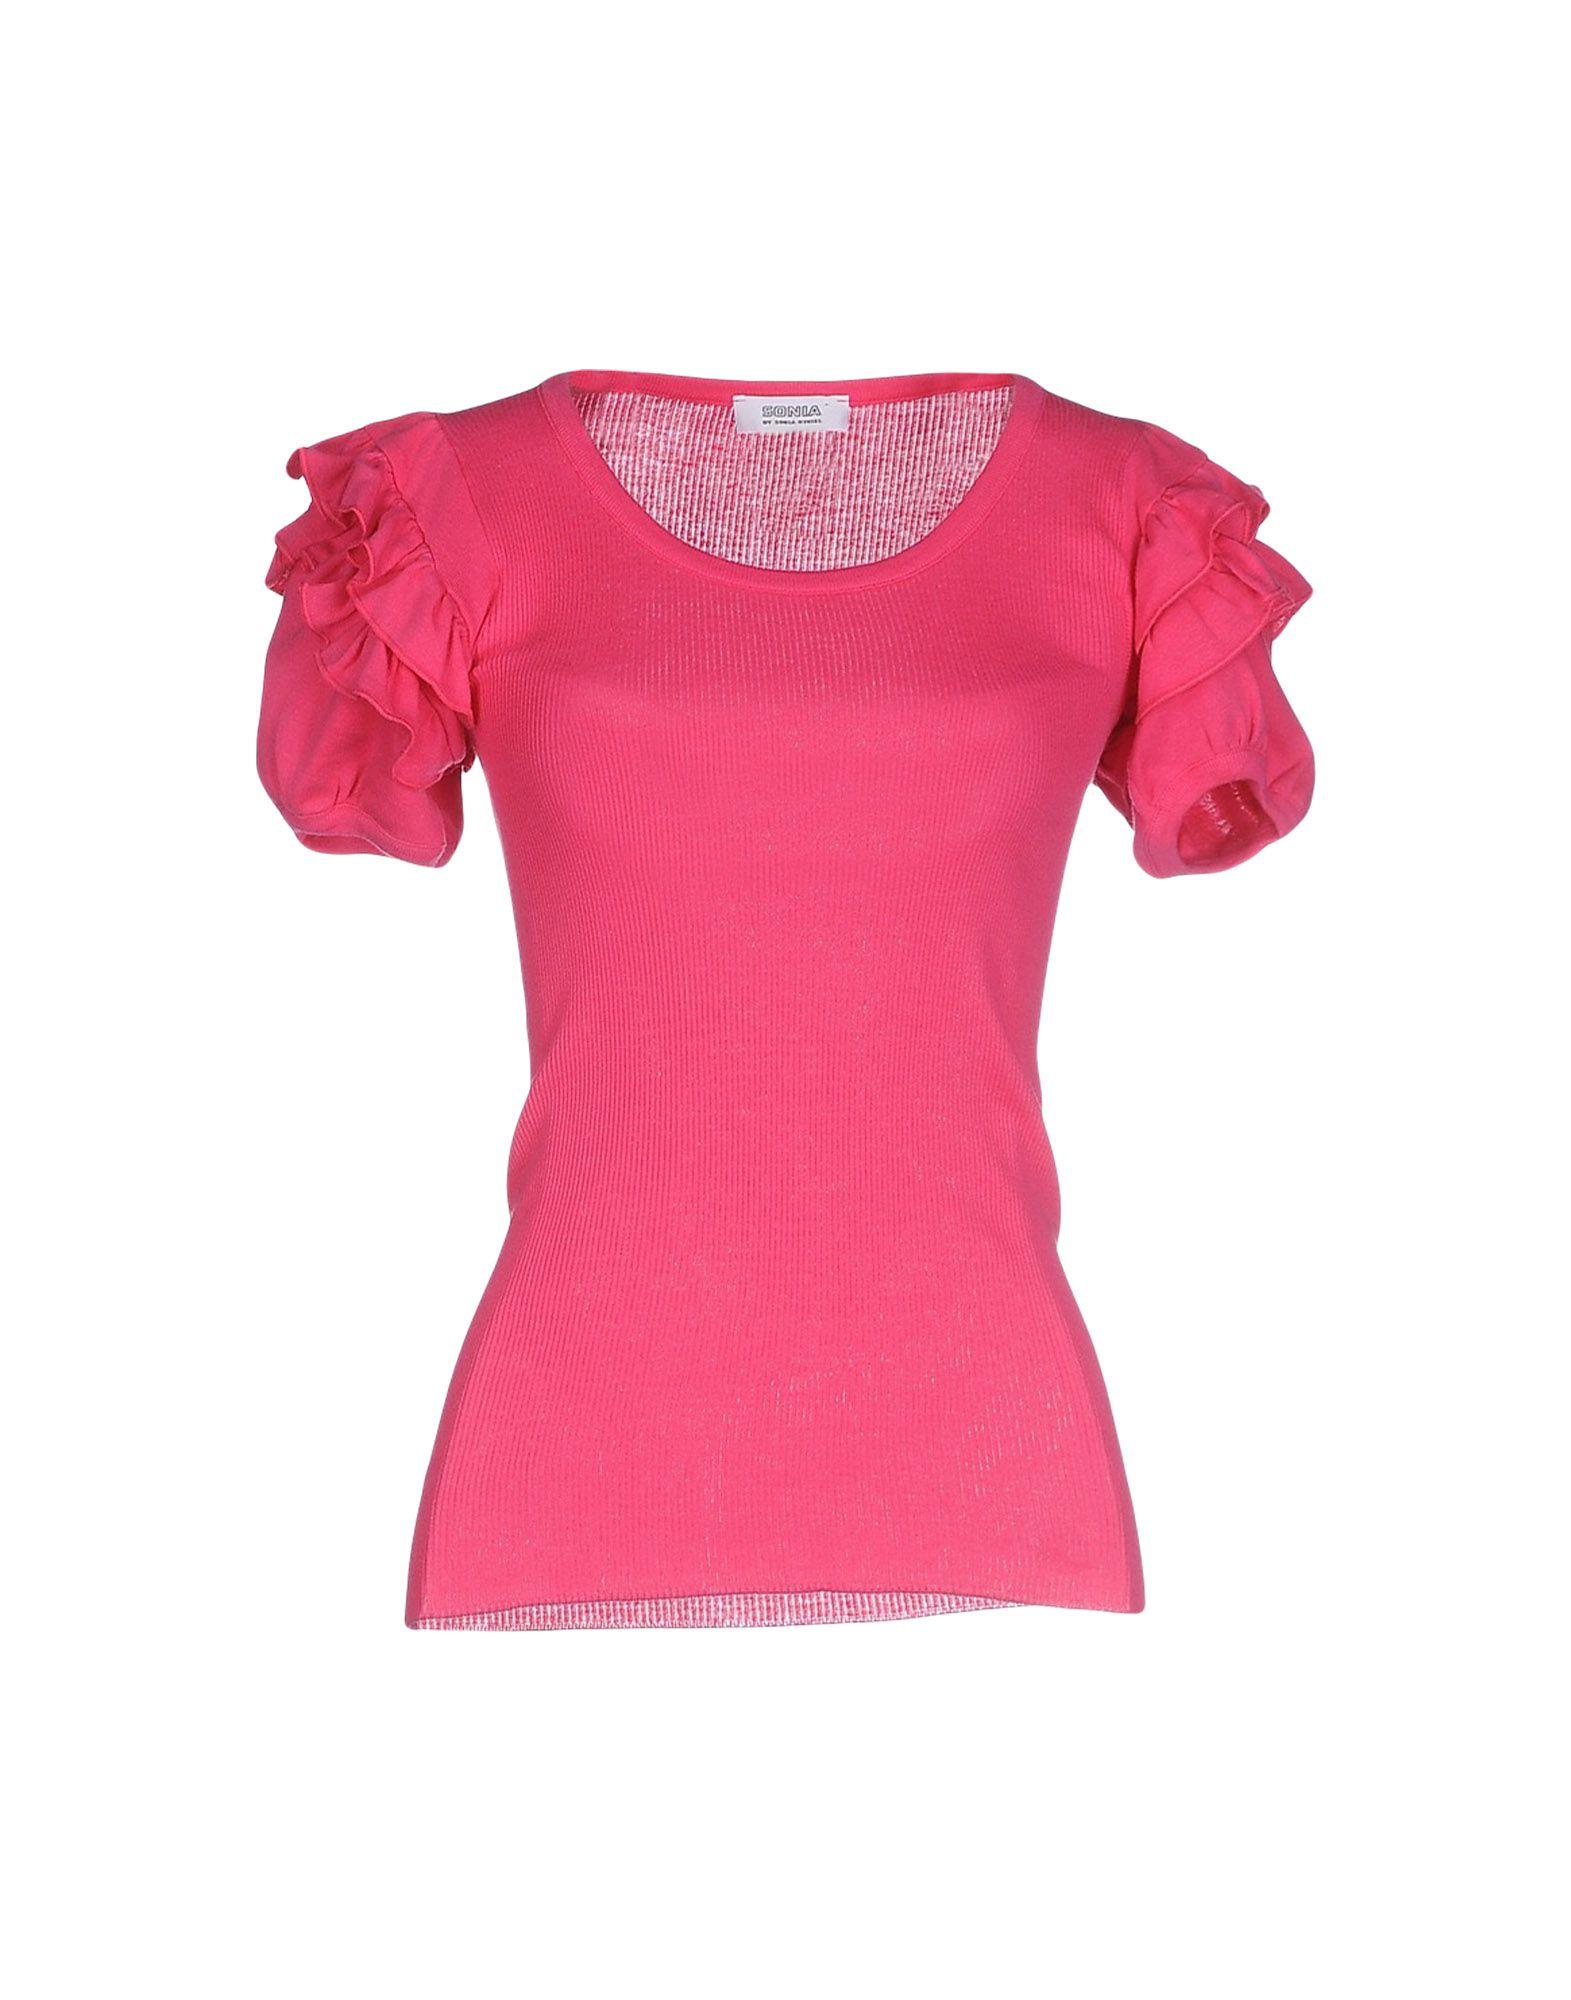 Alexander wang t shirt in pink lyst for Alexander wang t shirt women